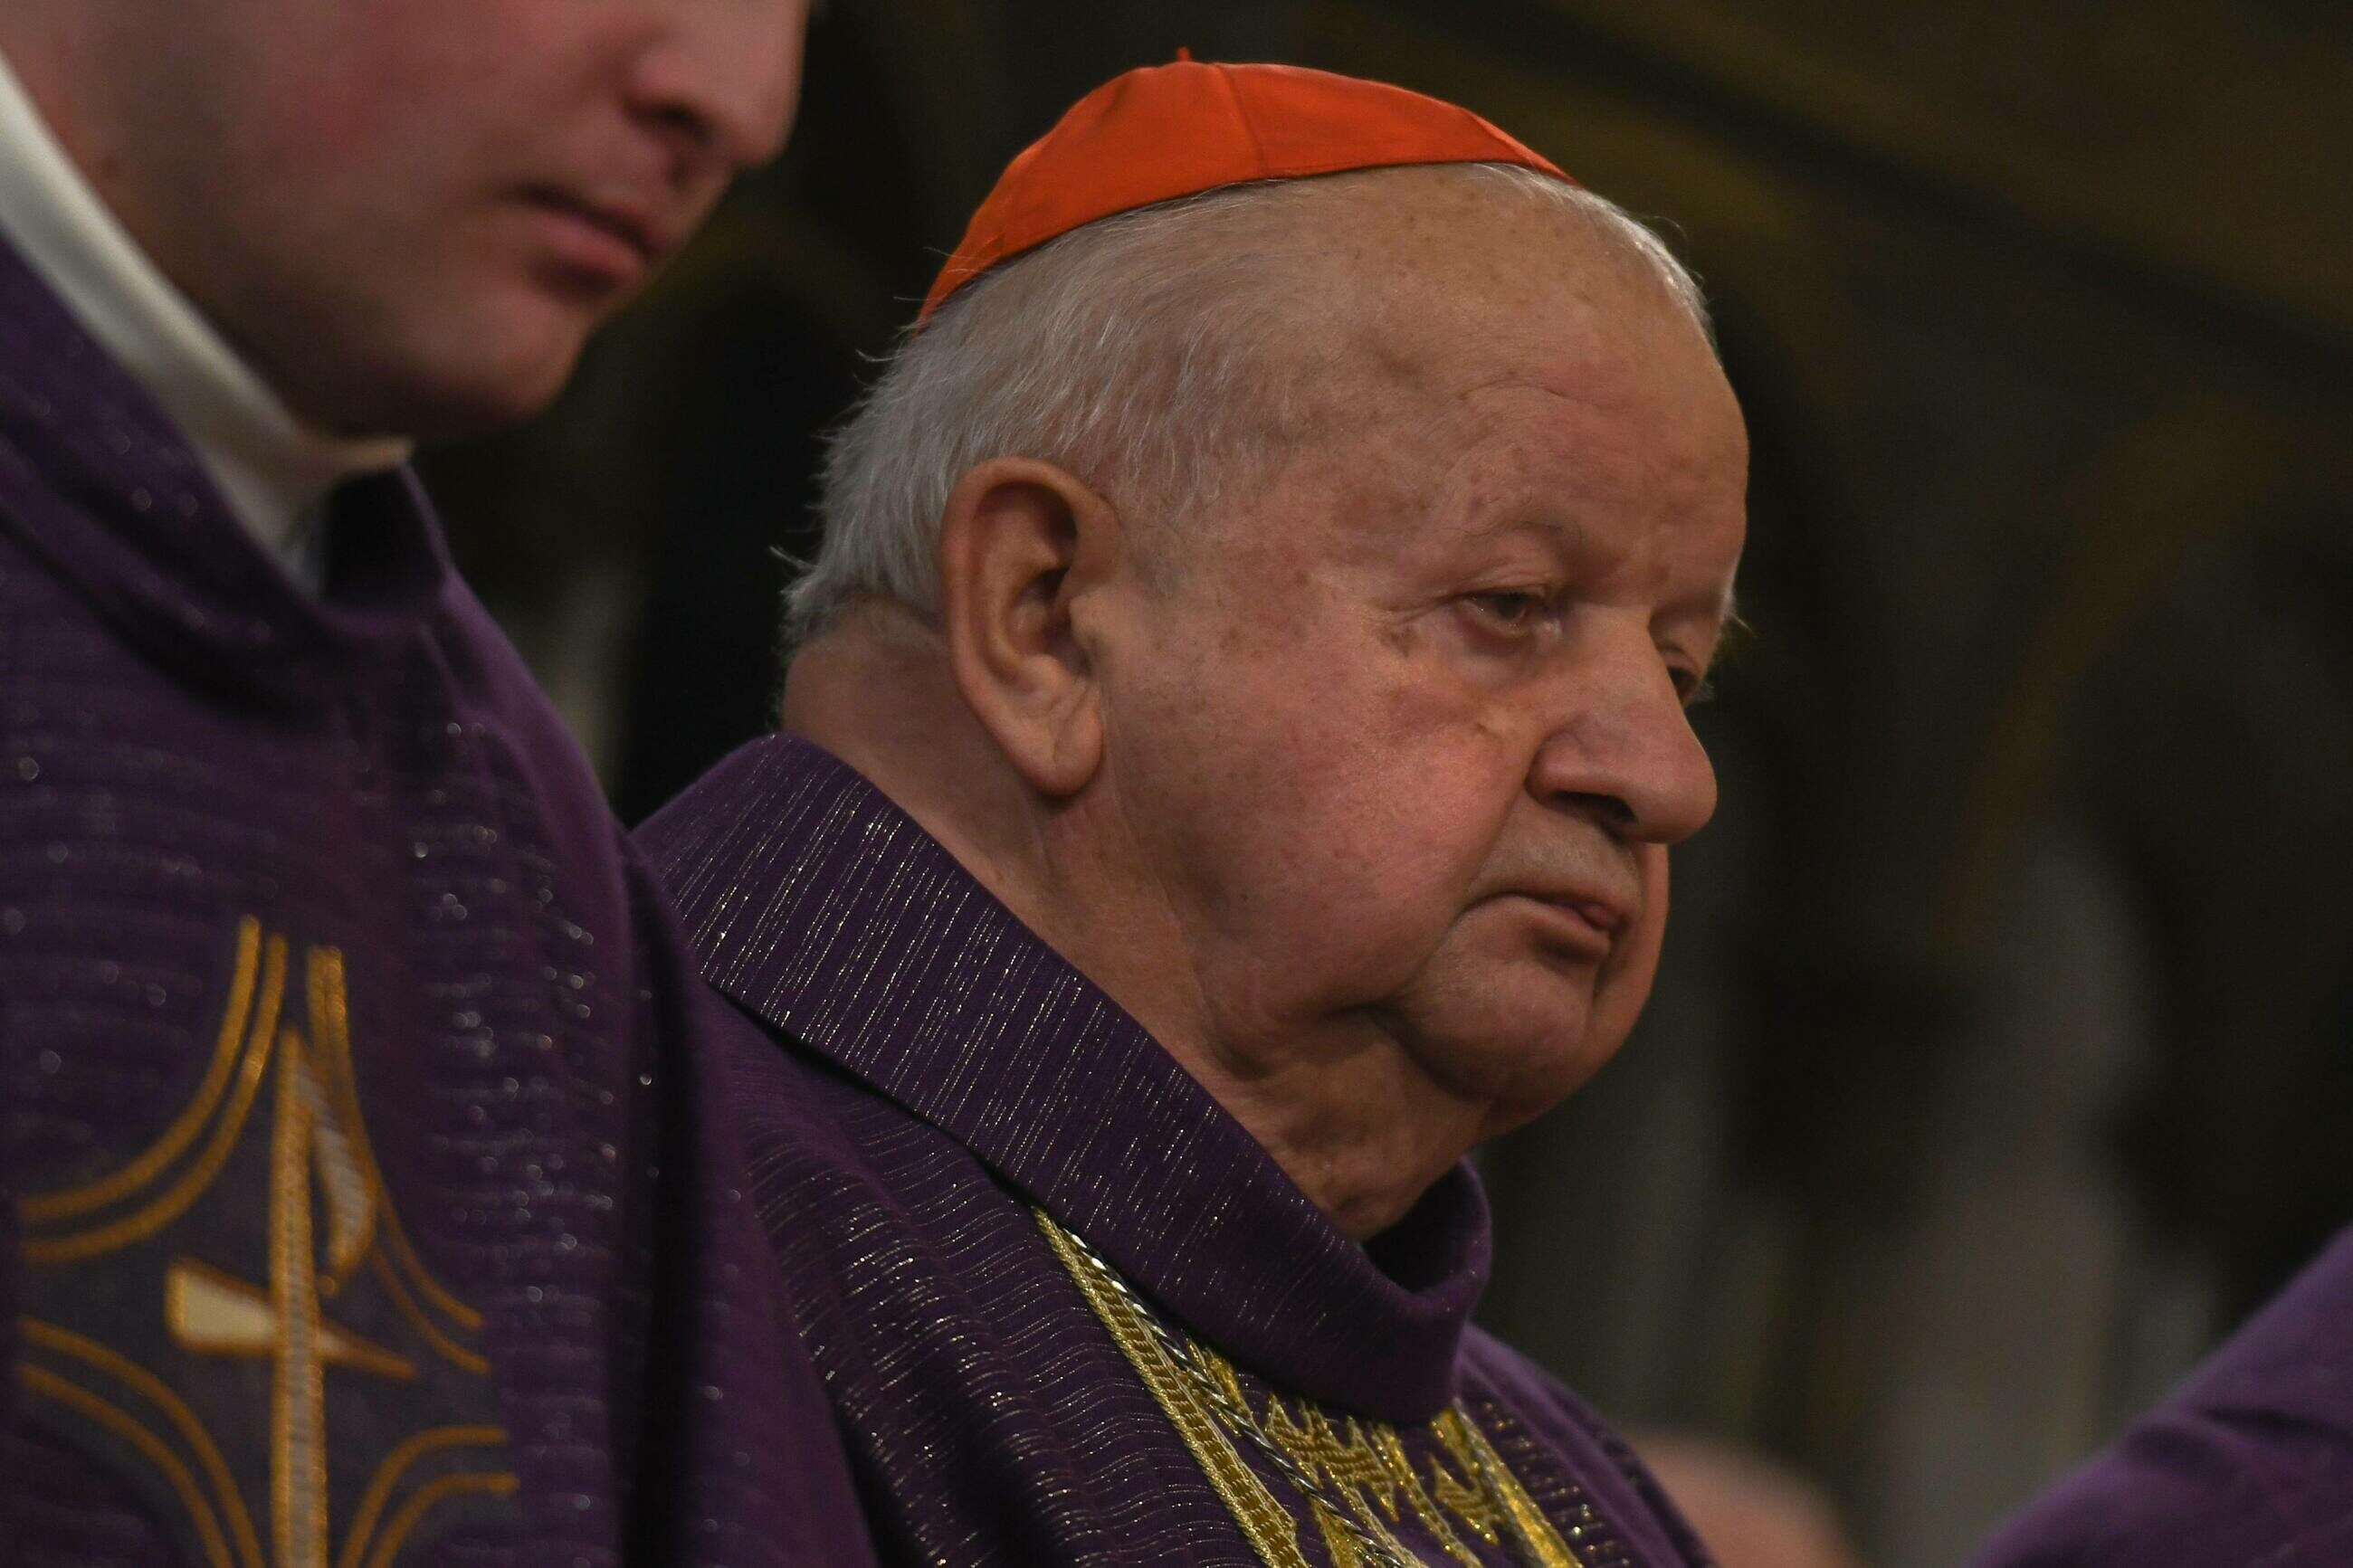 Kardynał Stanisław Dziwisz